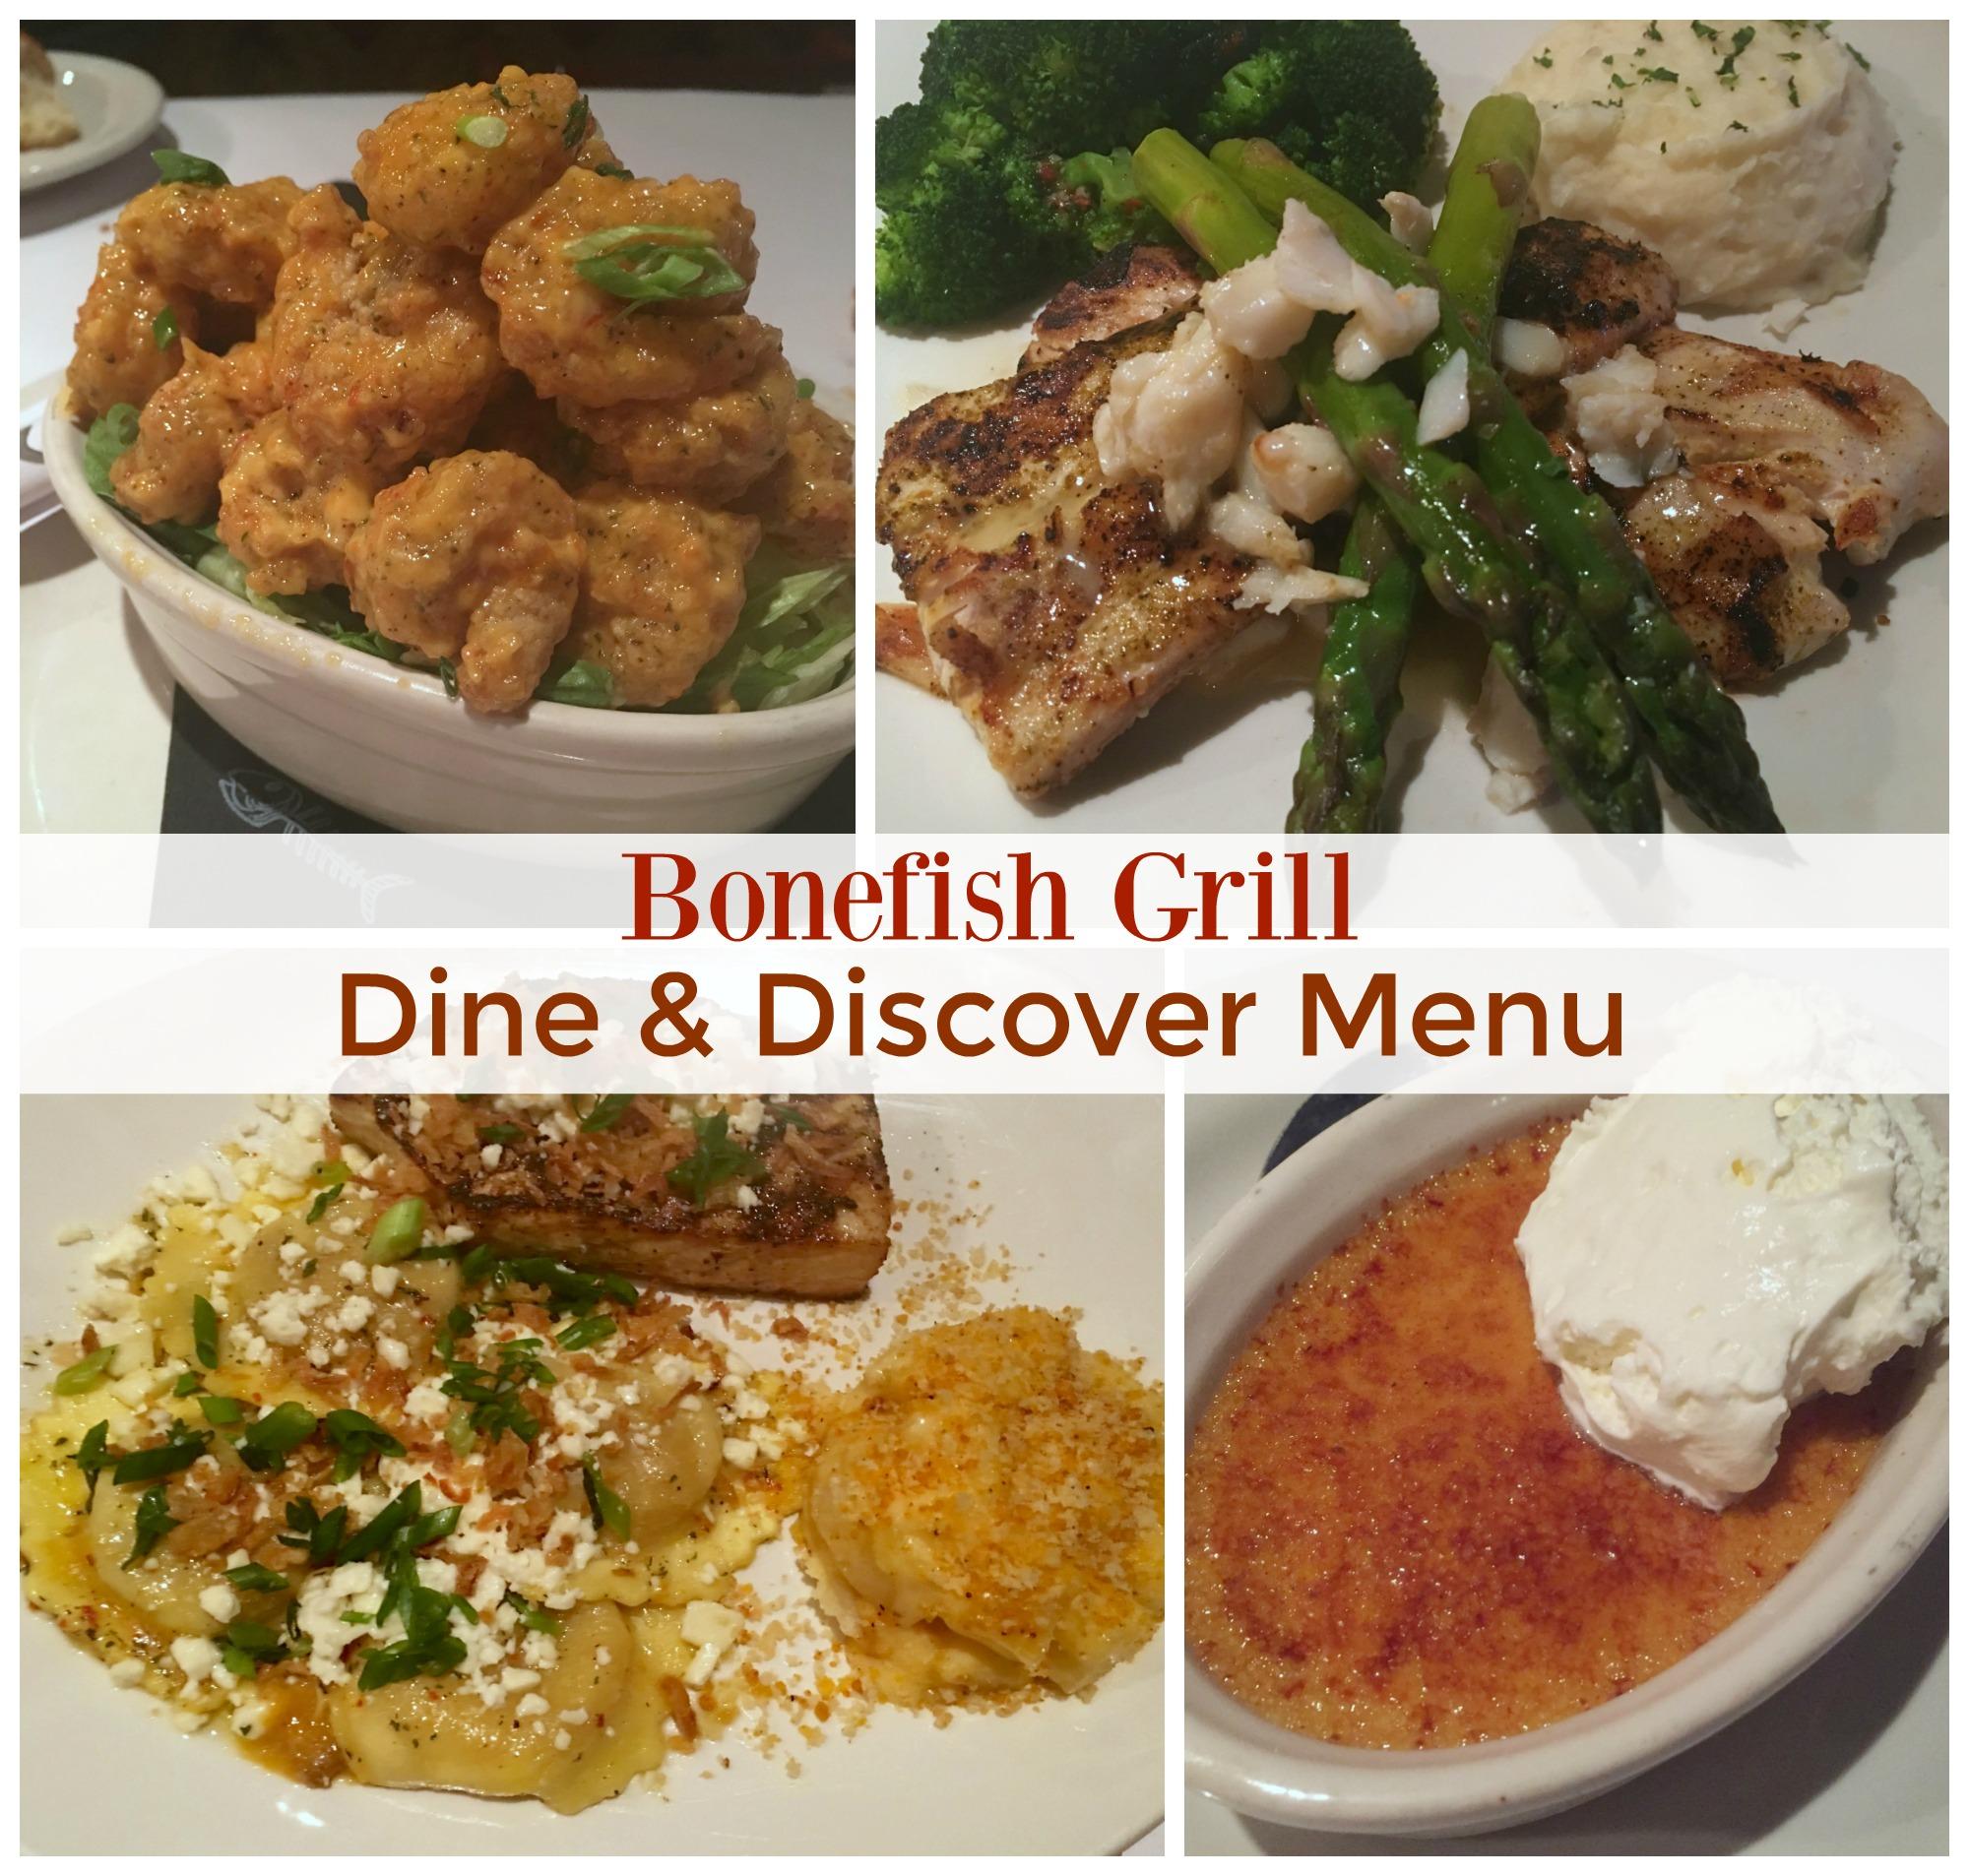 dine-discover-menu